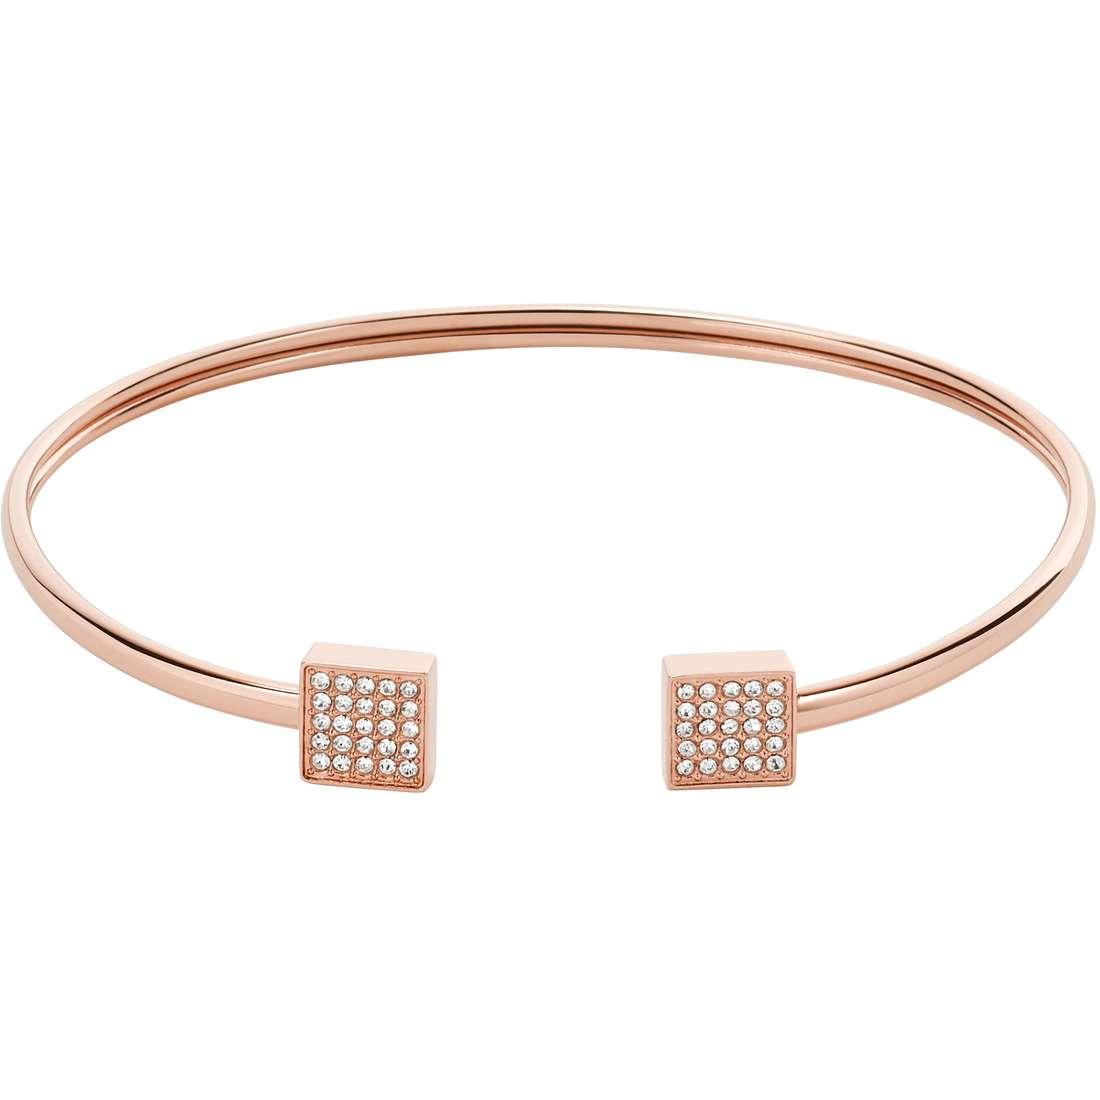 bracelet woman jewellery Fossil Fall 15 JF02024791